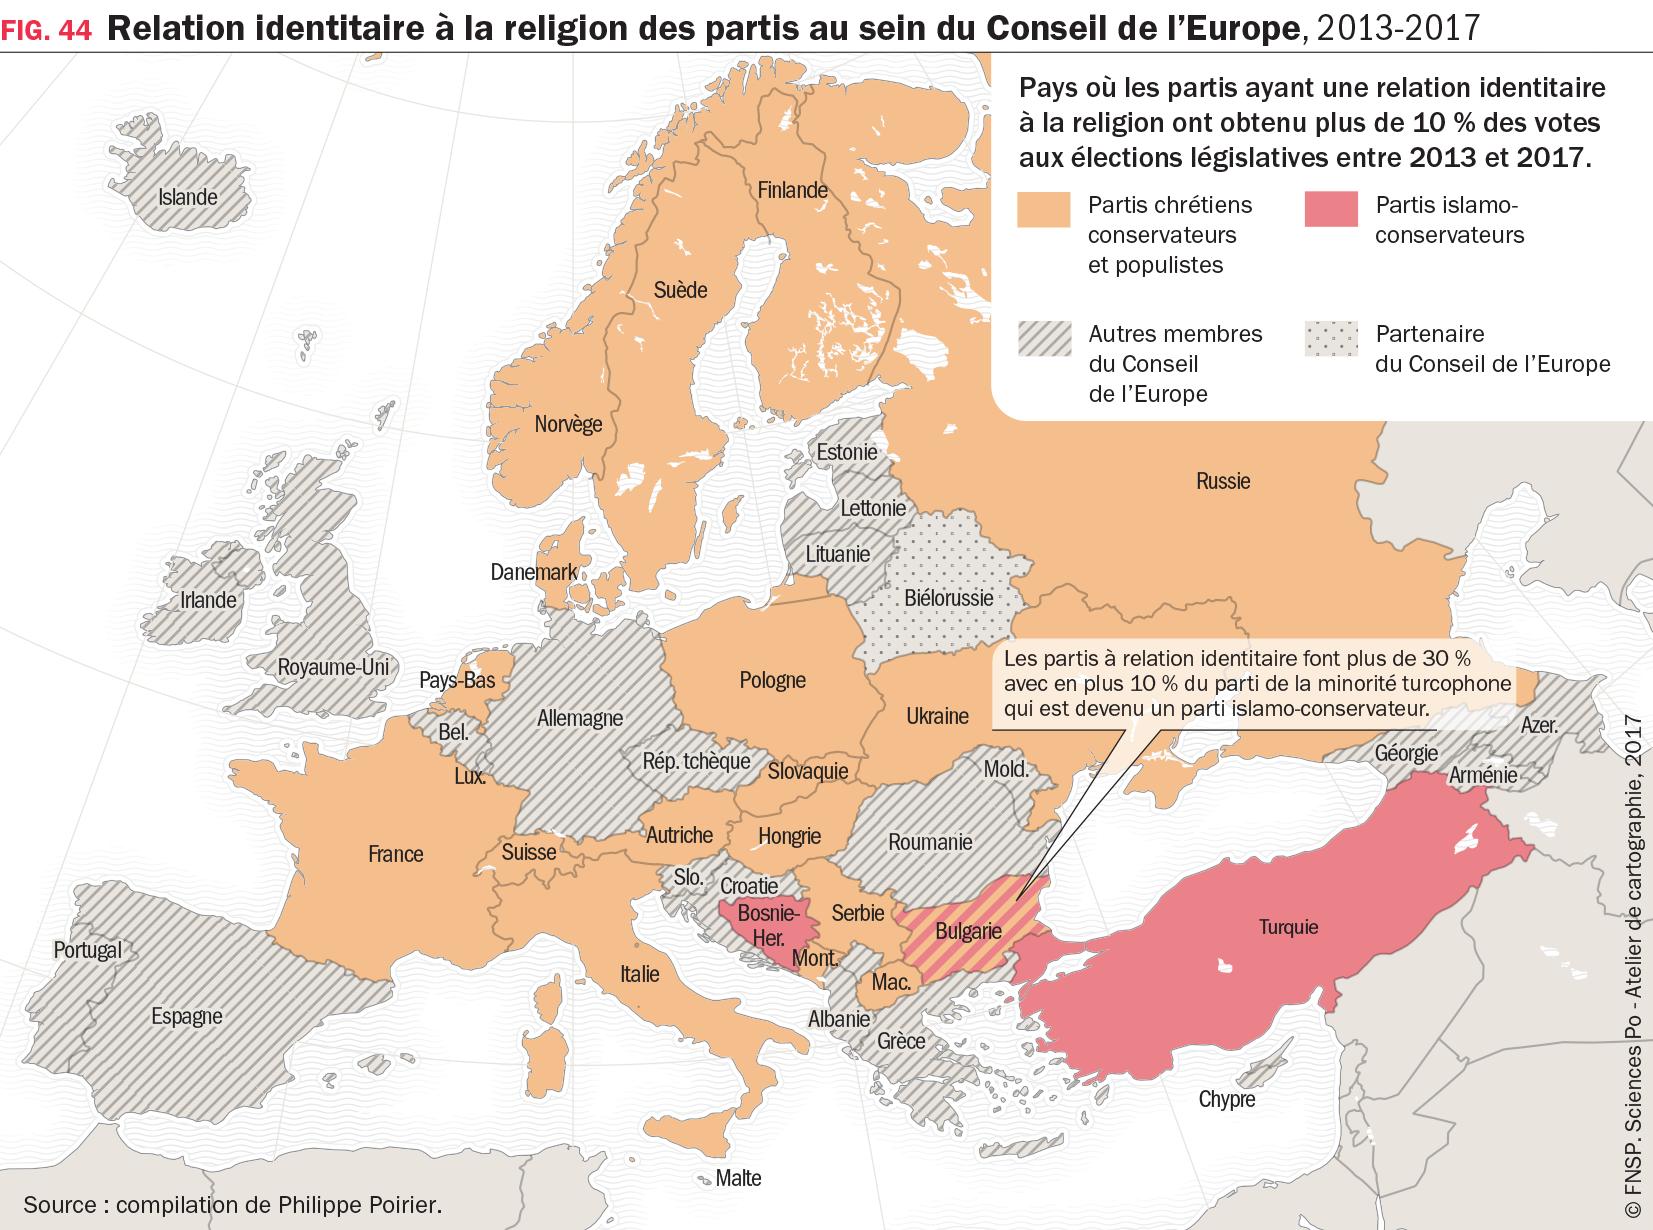 Relation identitaire à la religion des partis au sein du conseil de l'Europe